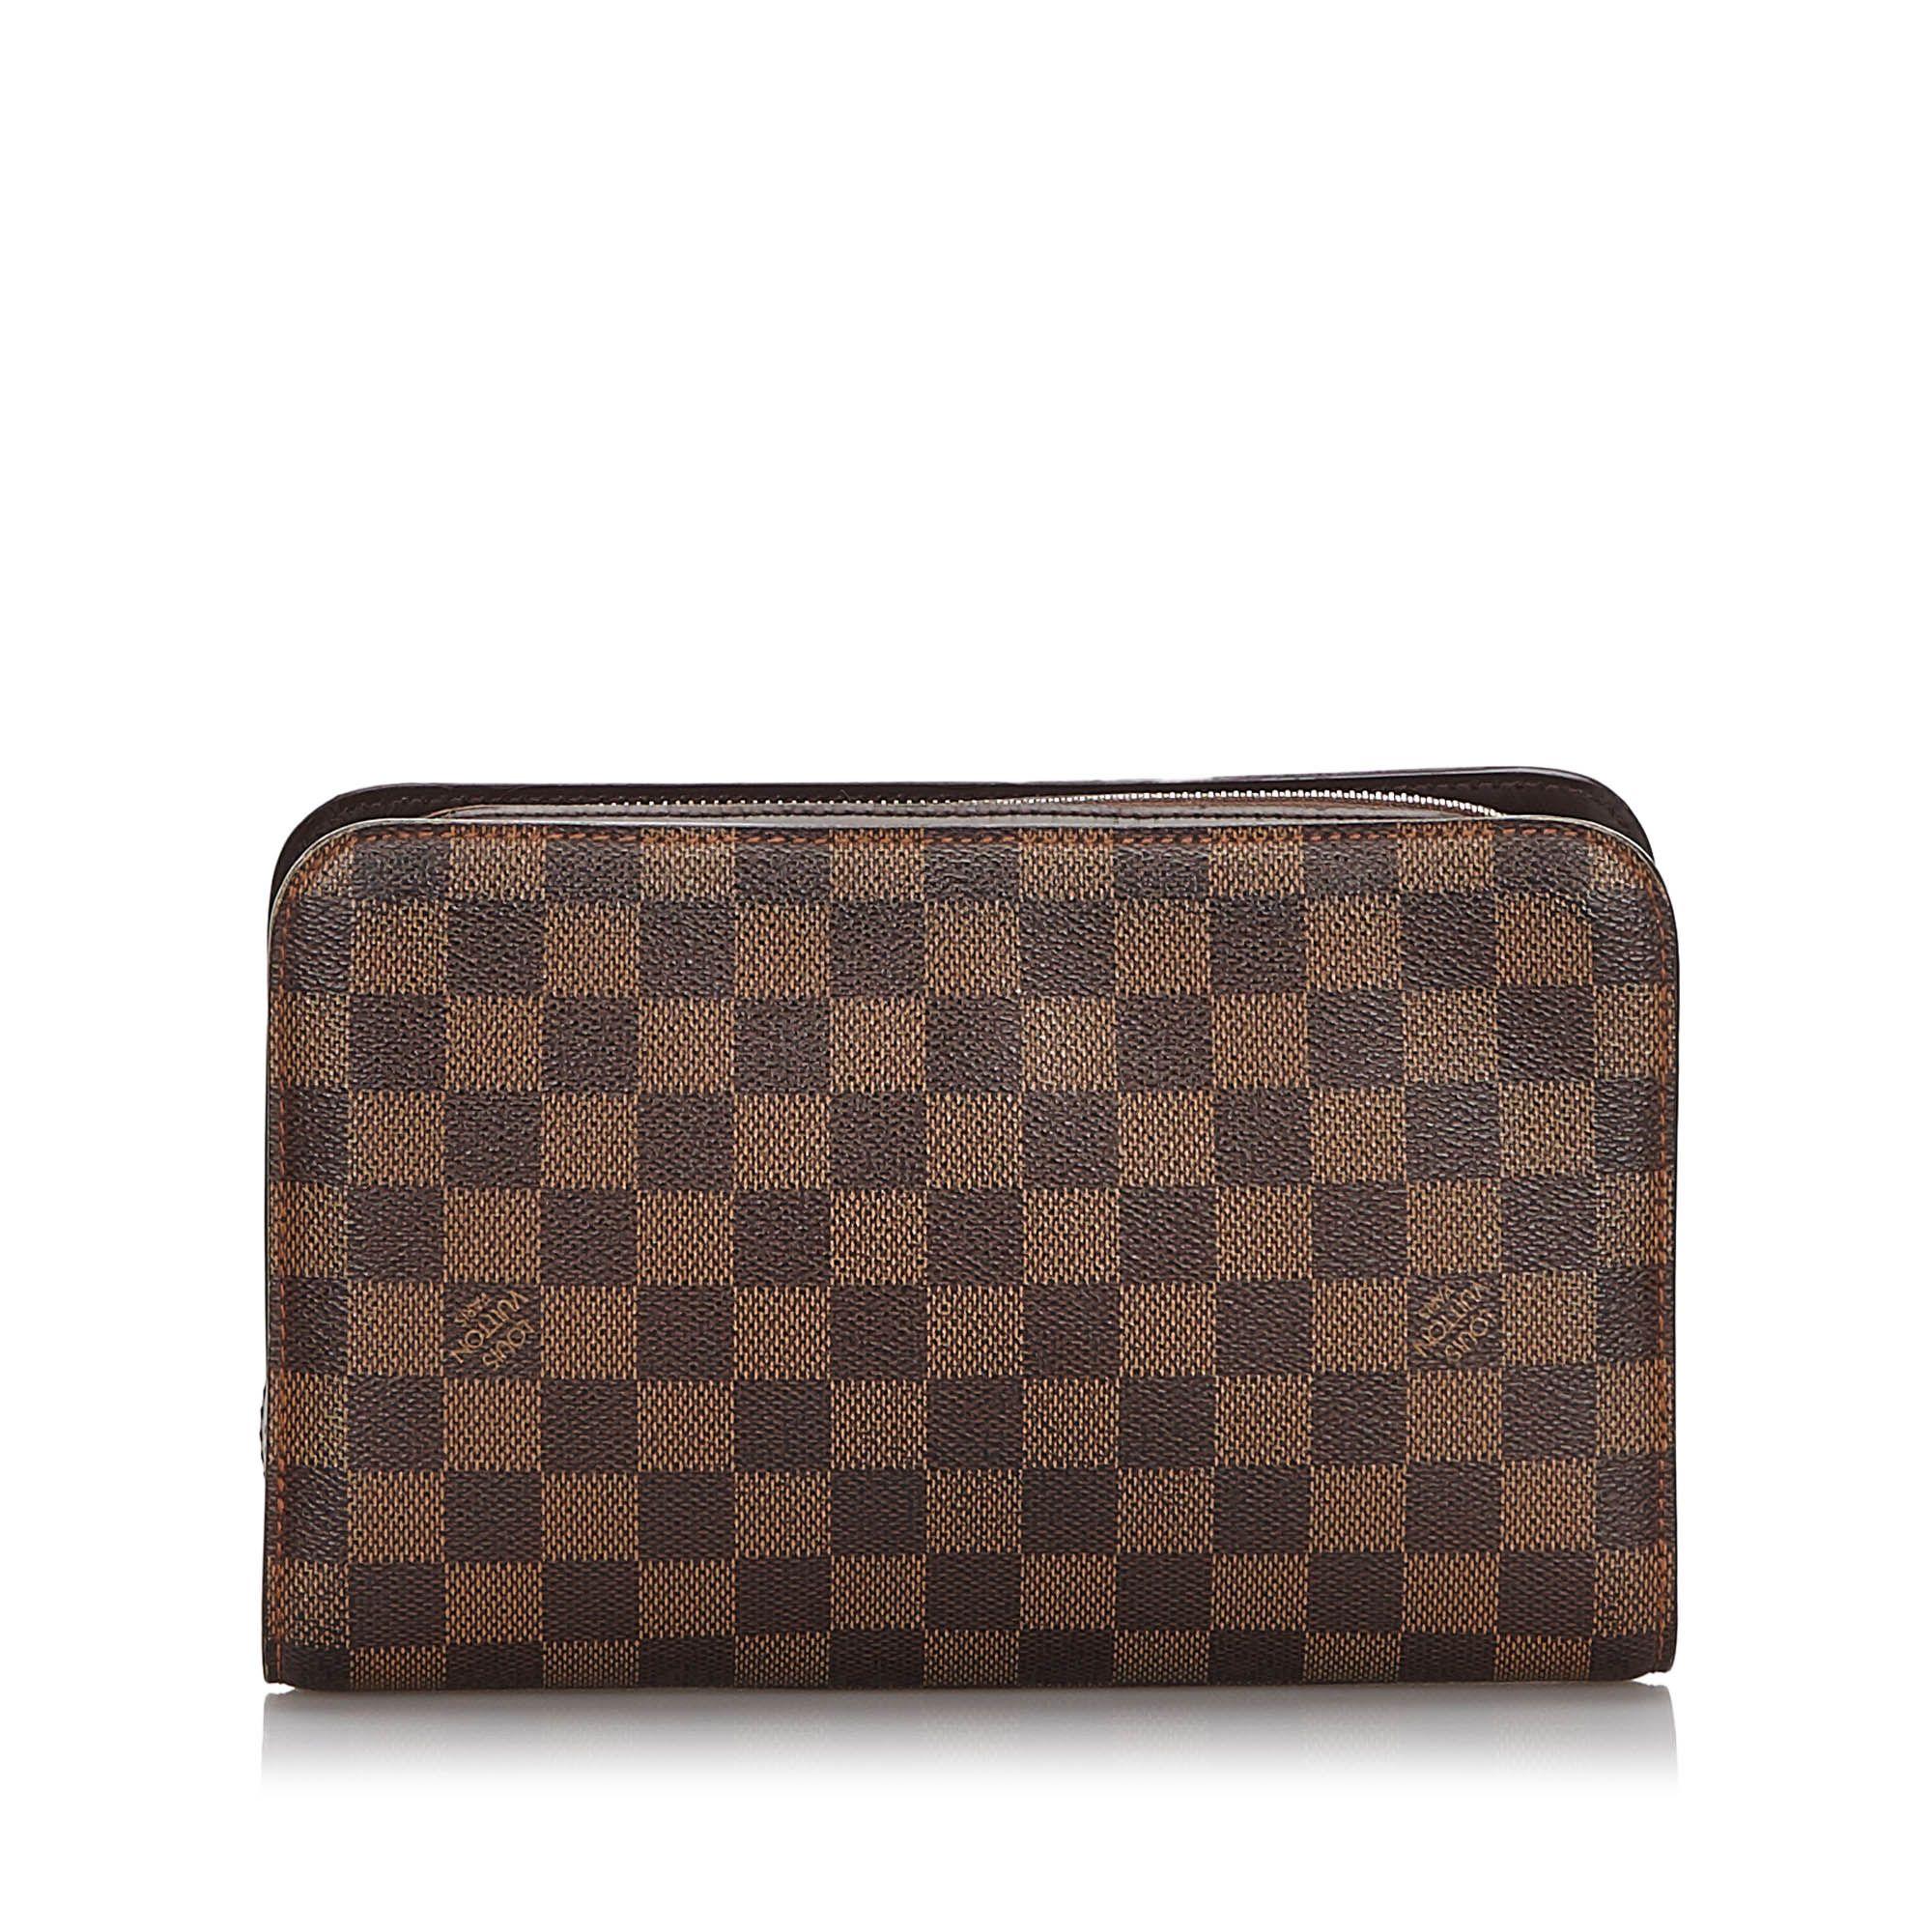 Vintage Louis Vuitton Damier Ebene Pochette Saint Paul Brown